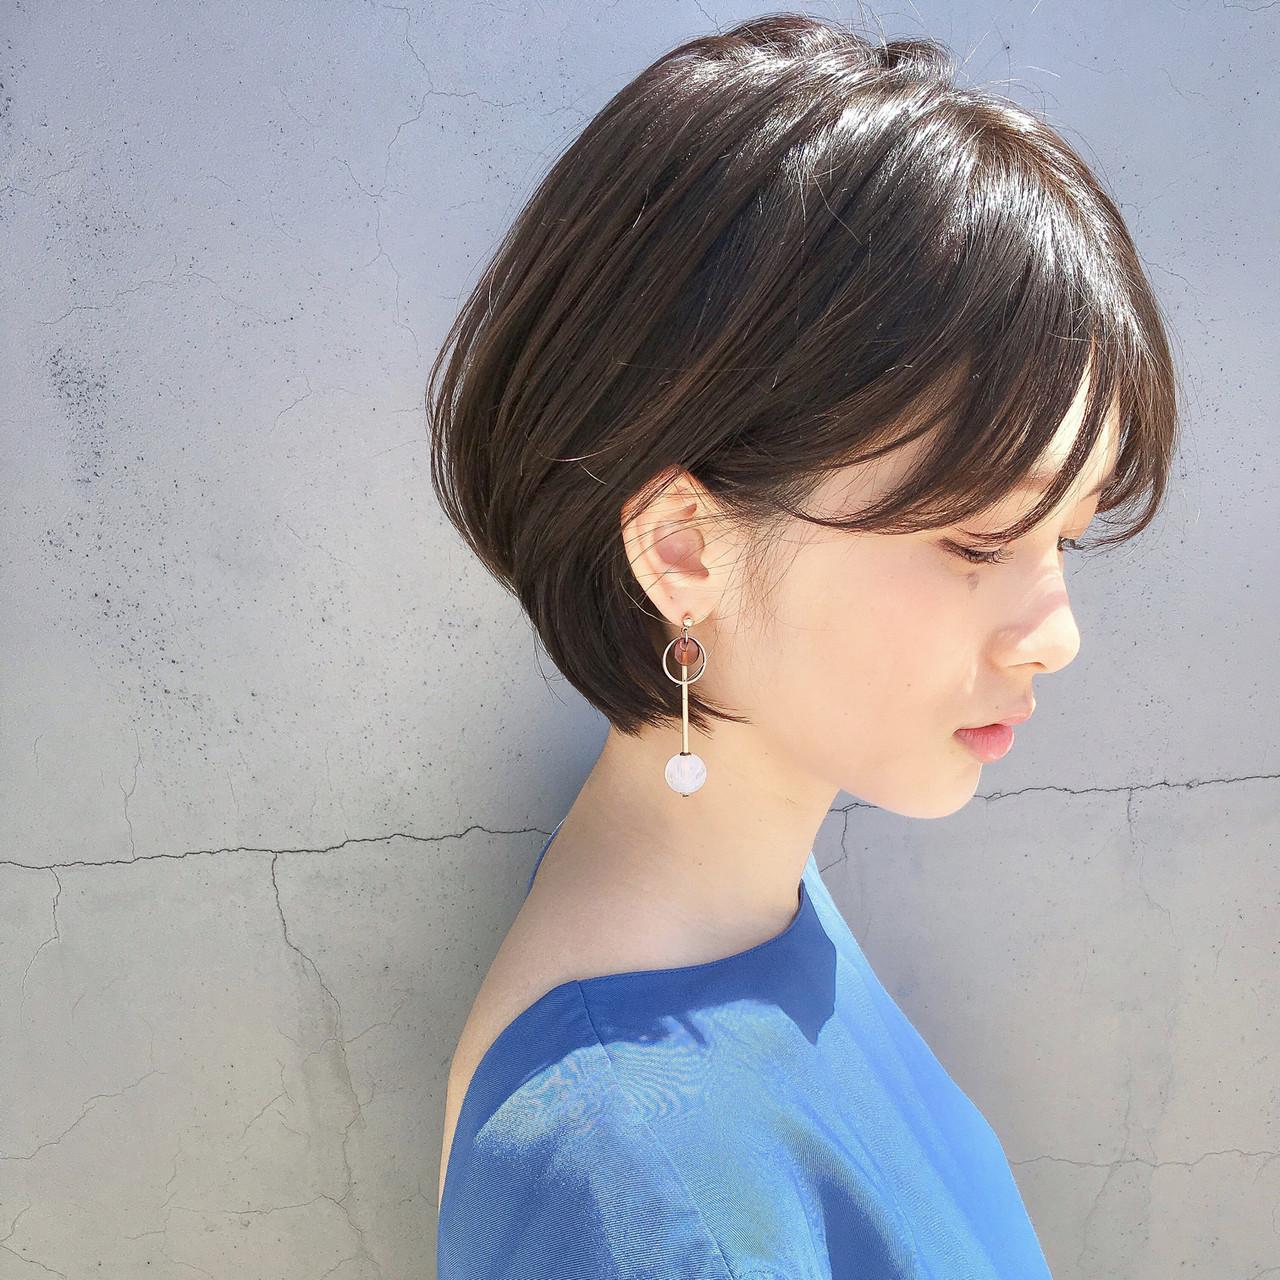 ナチュラル ショート ヘアアレンジ 簡単ヘアアレンジ ヘアスタイルや髪型の写真・画像 | ショートボブの匠【 山内大成 】『i.hair』 / 『 i. 』 omotesando